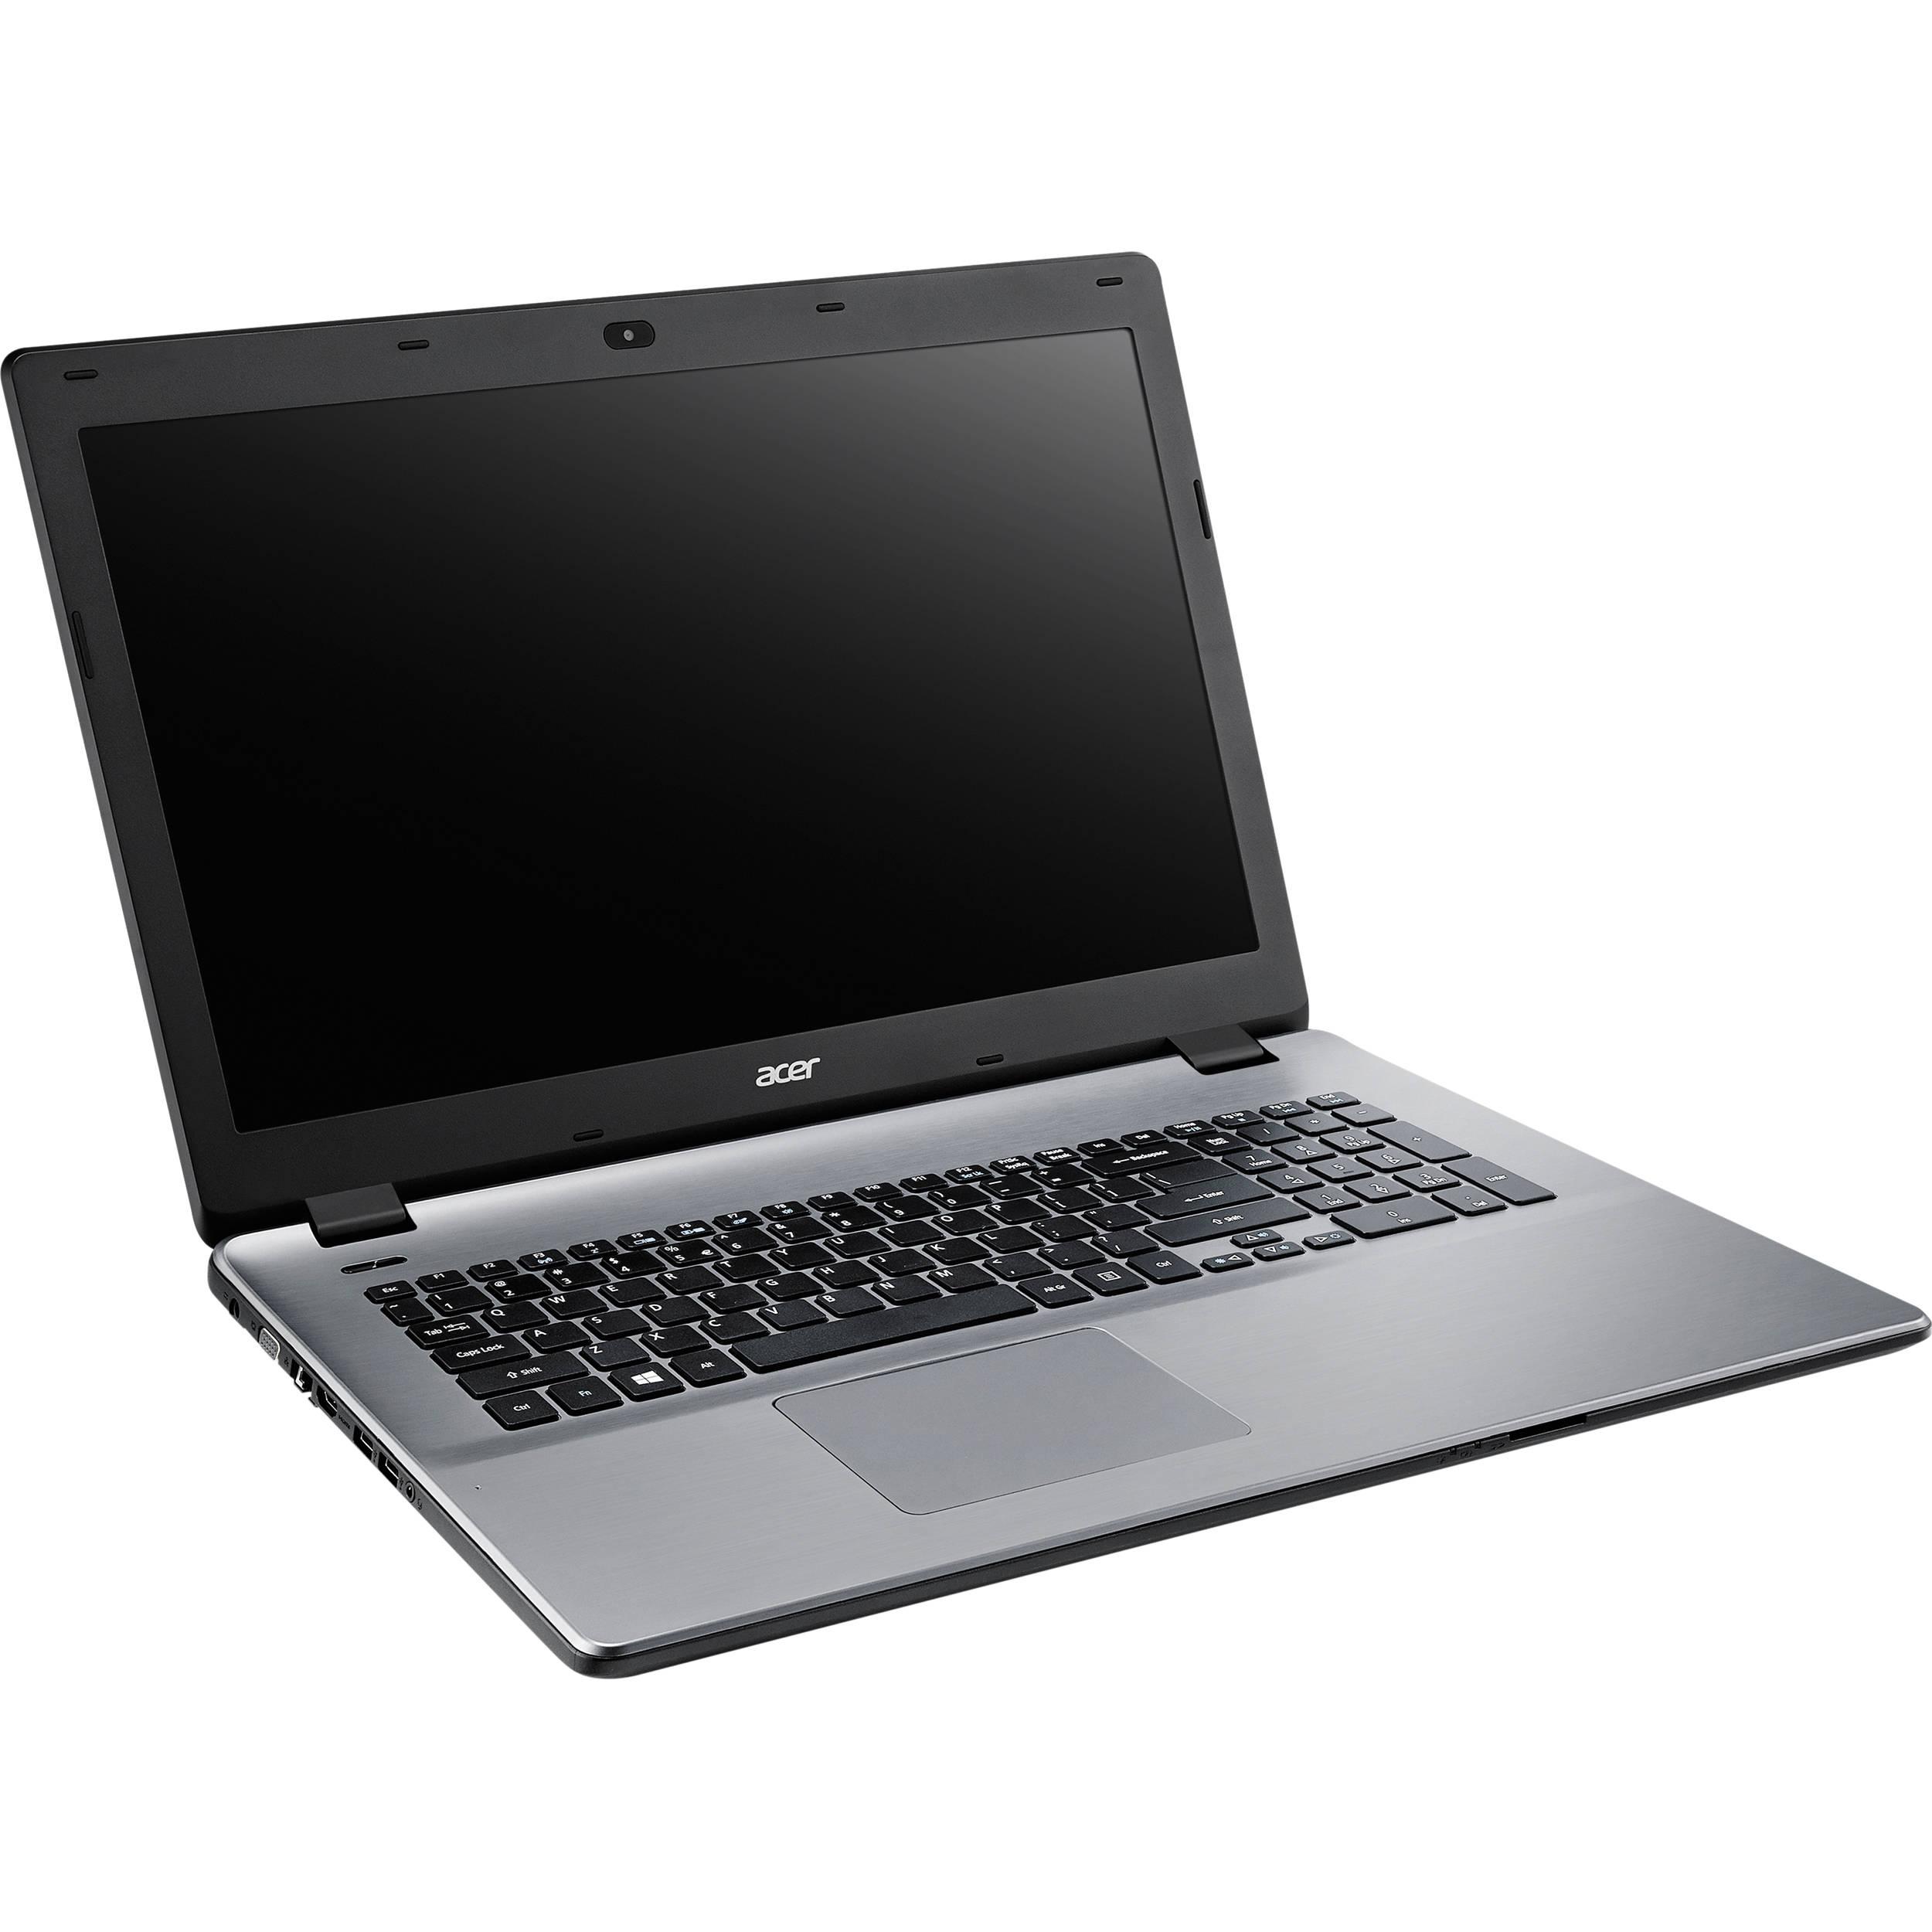 Acer Aspire E5-731 64x